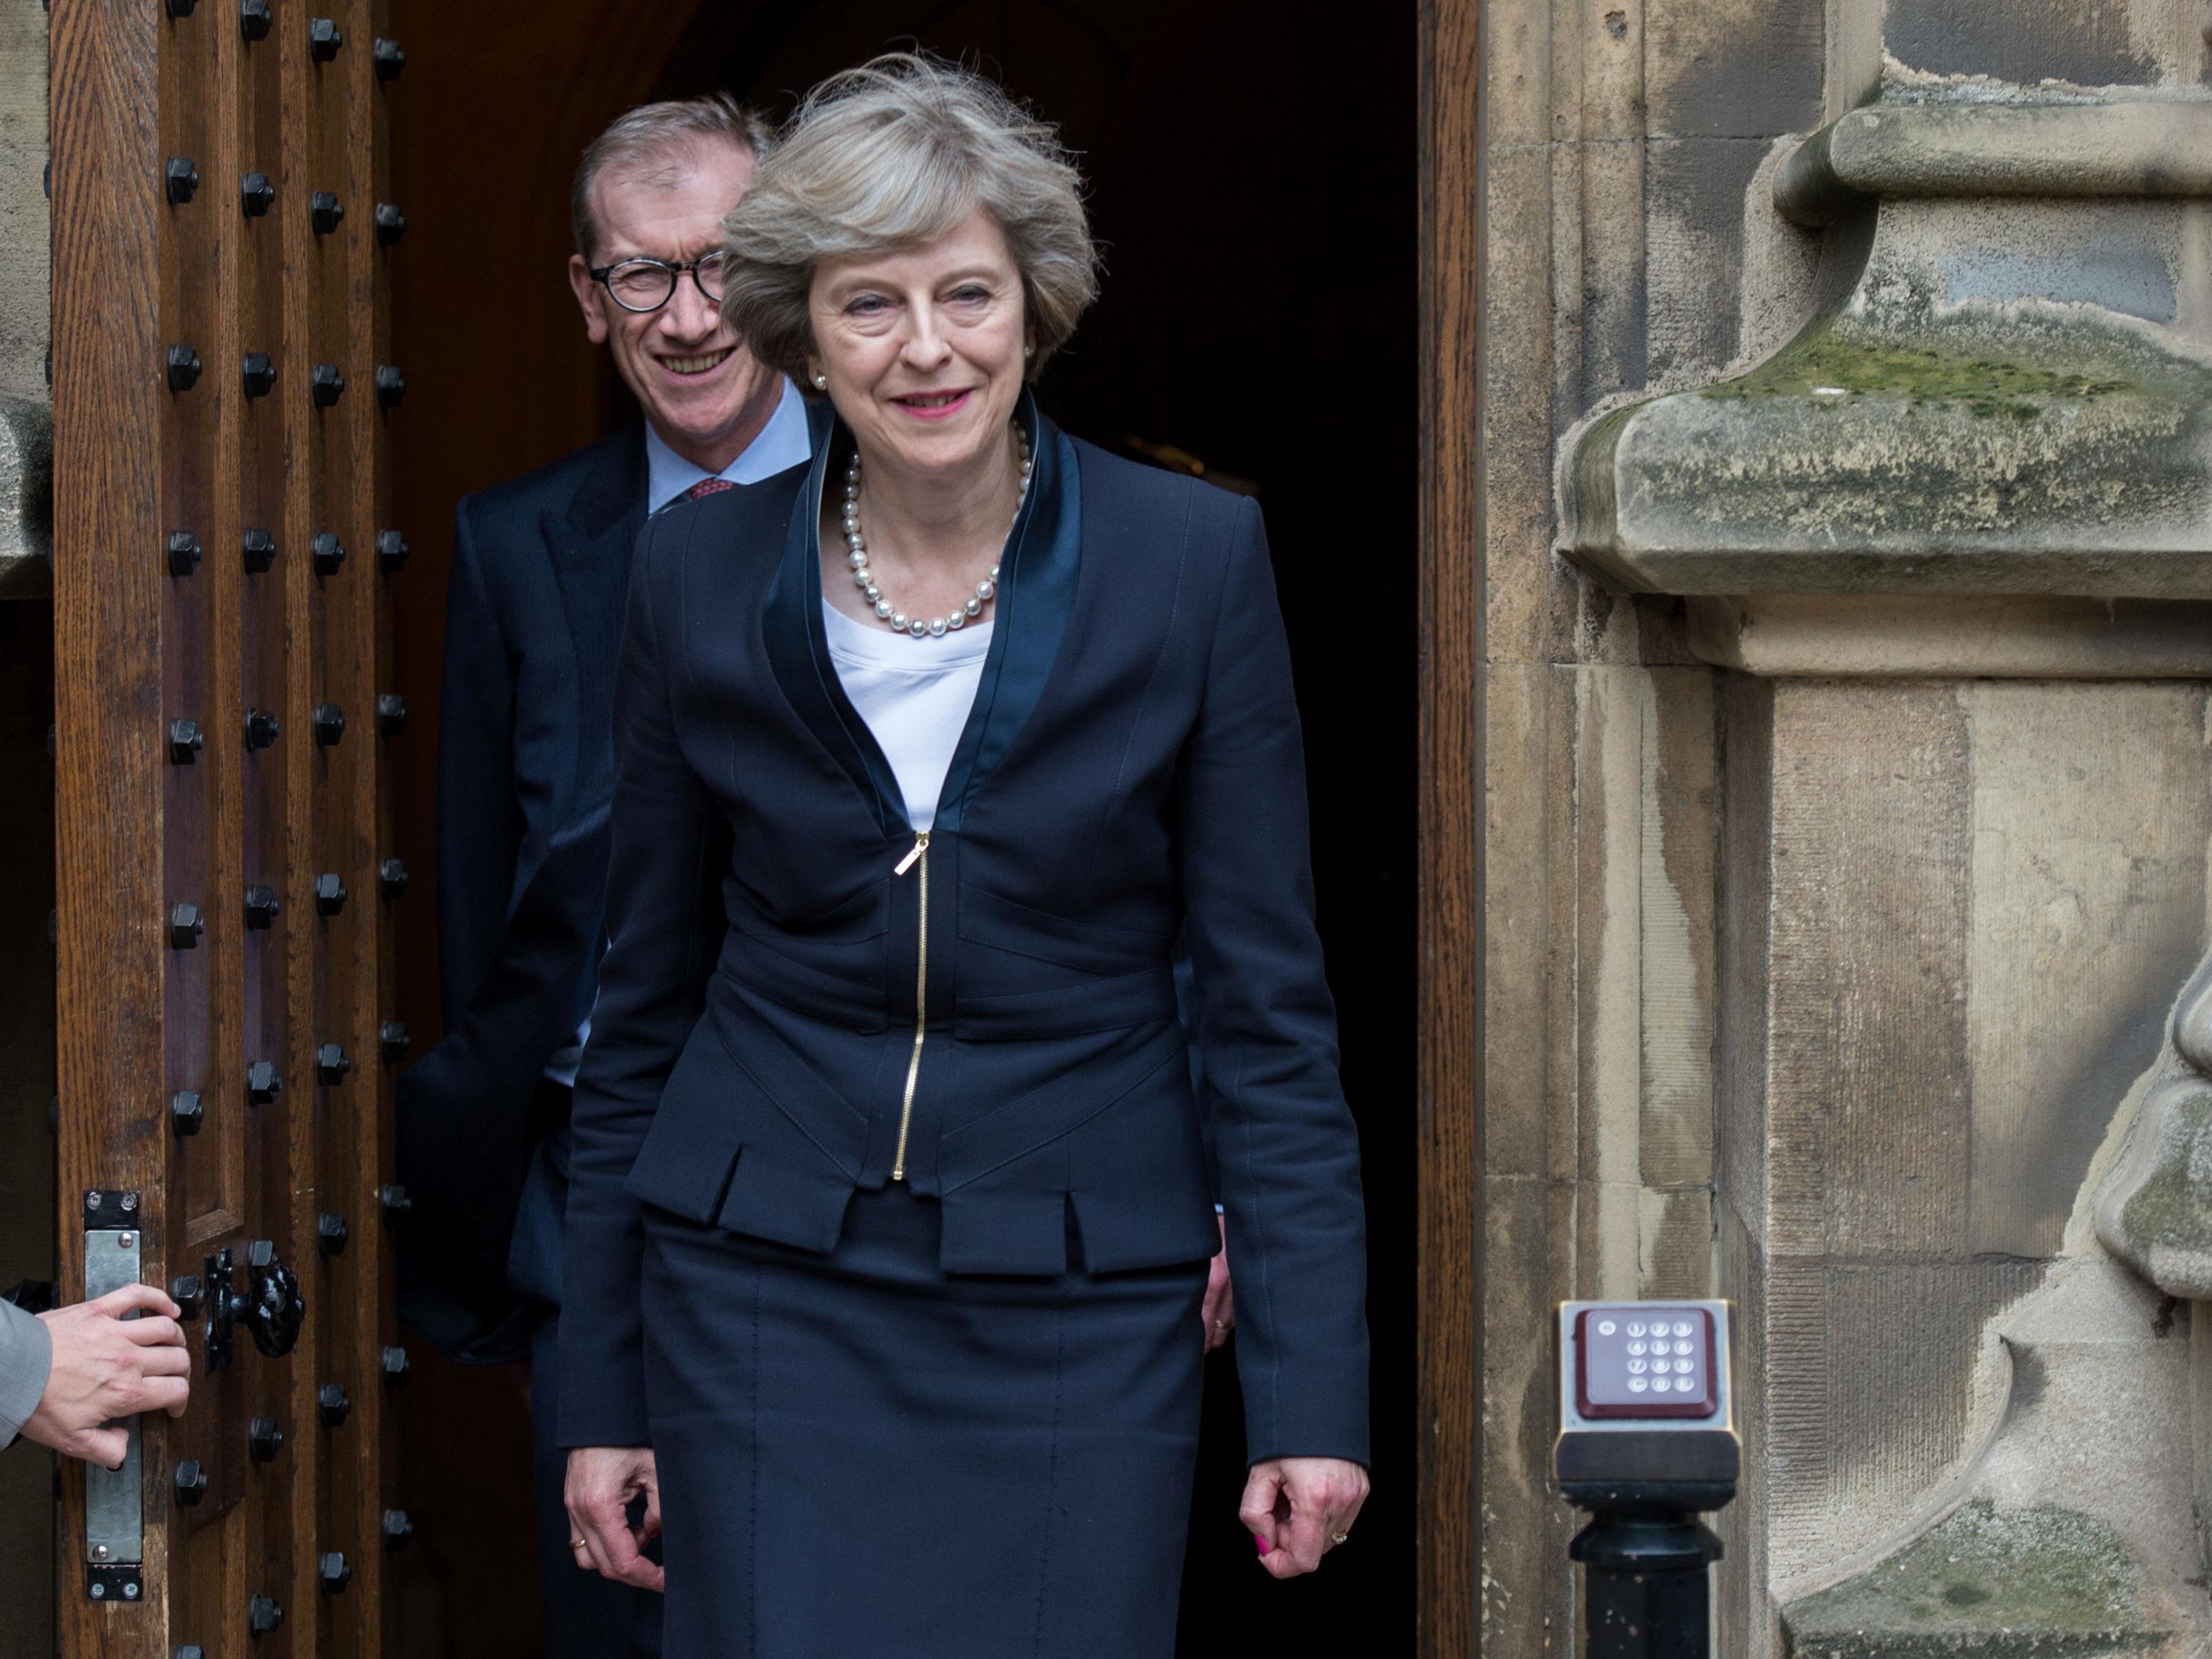 Glauben Sie, dass die neue britische Premierministerin Theresa May ihr Land bald aus der EU hinausführen wird?